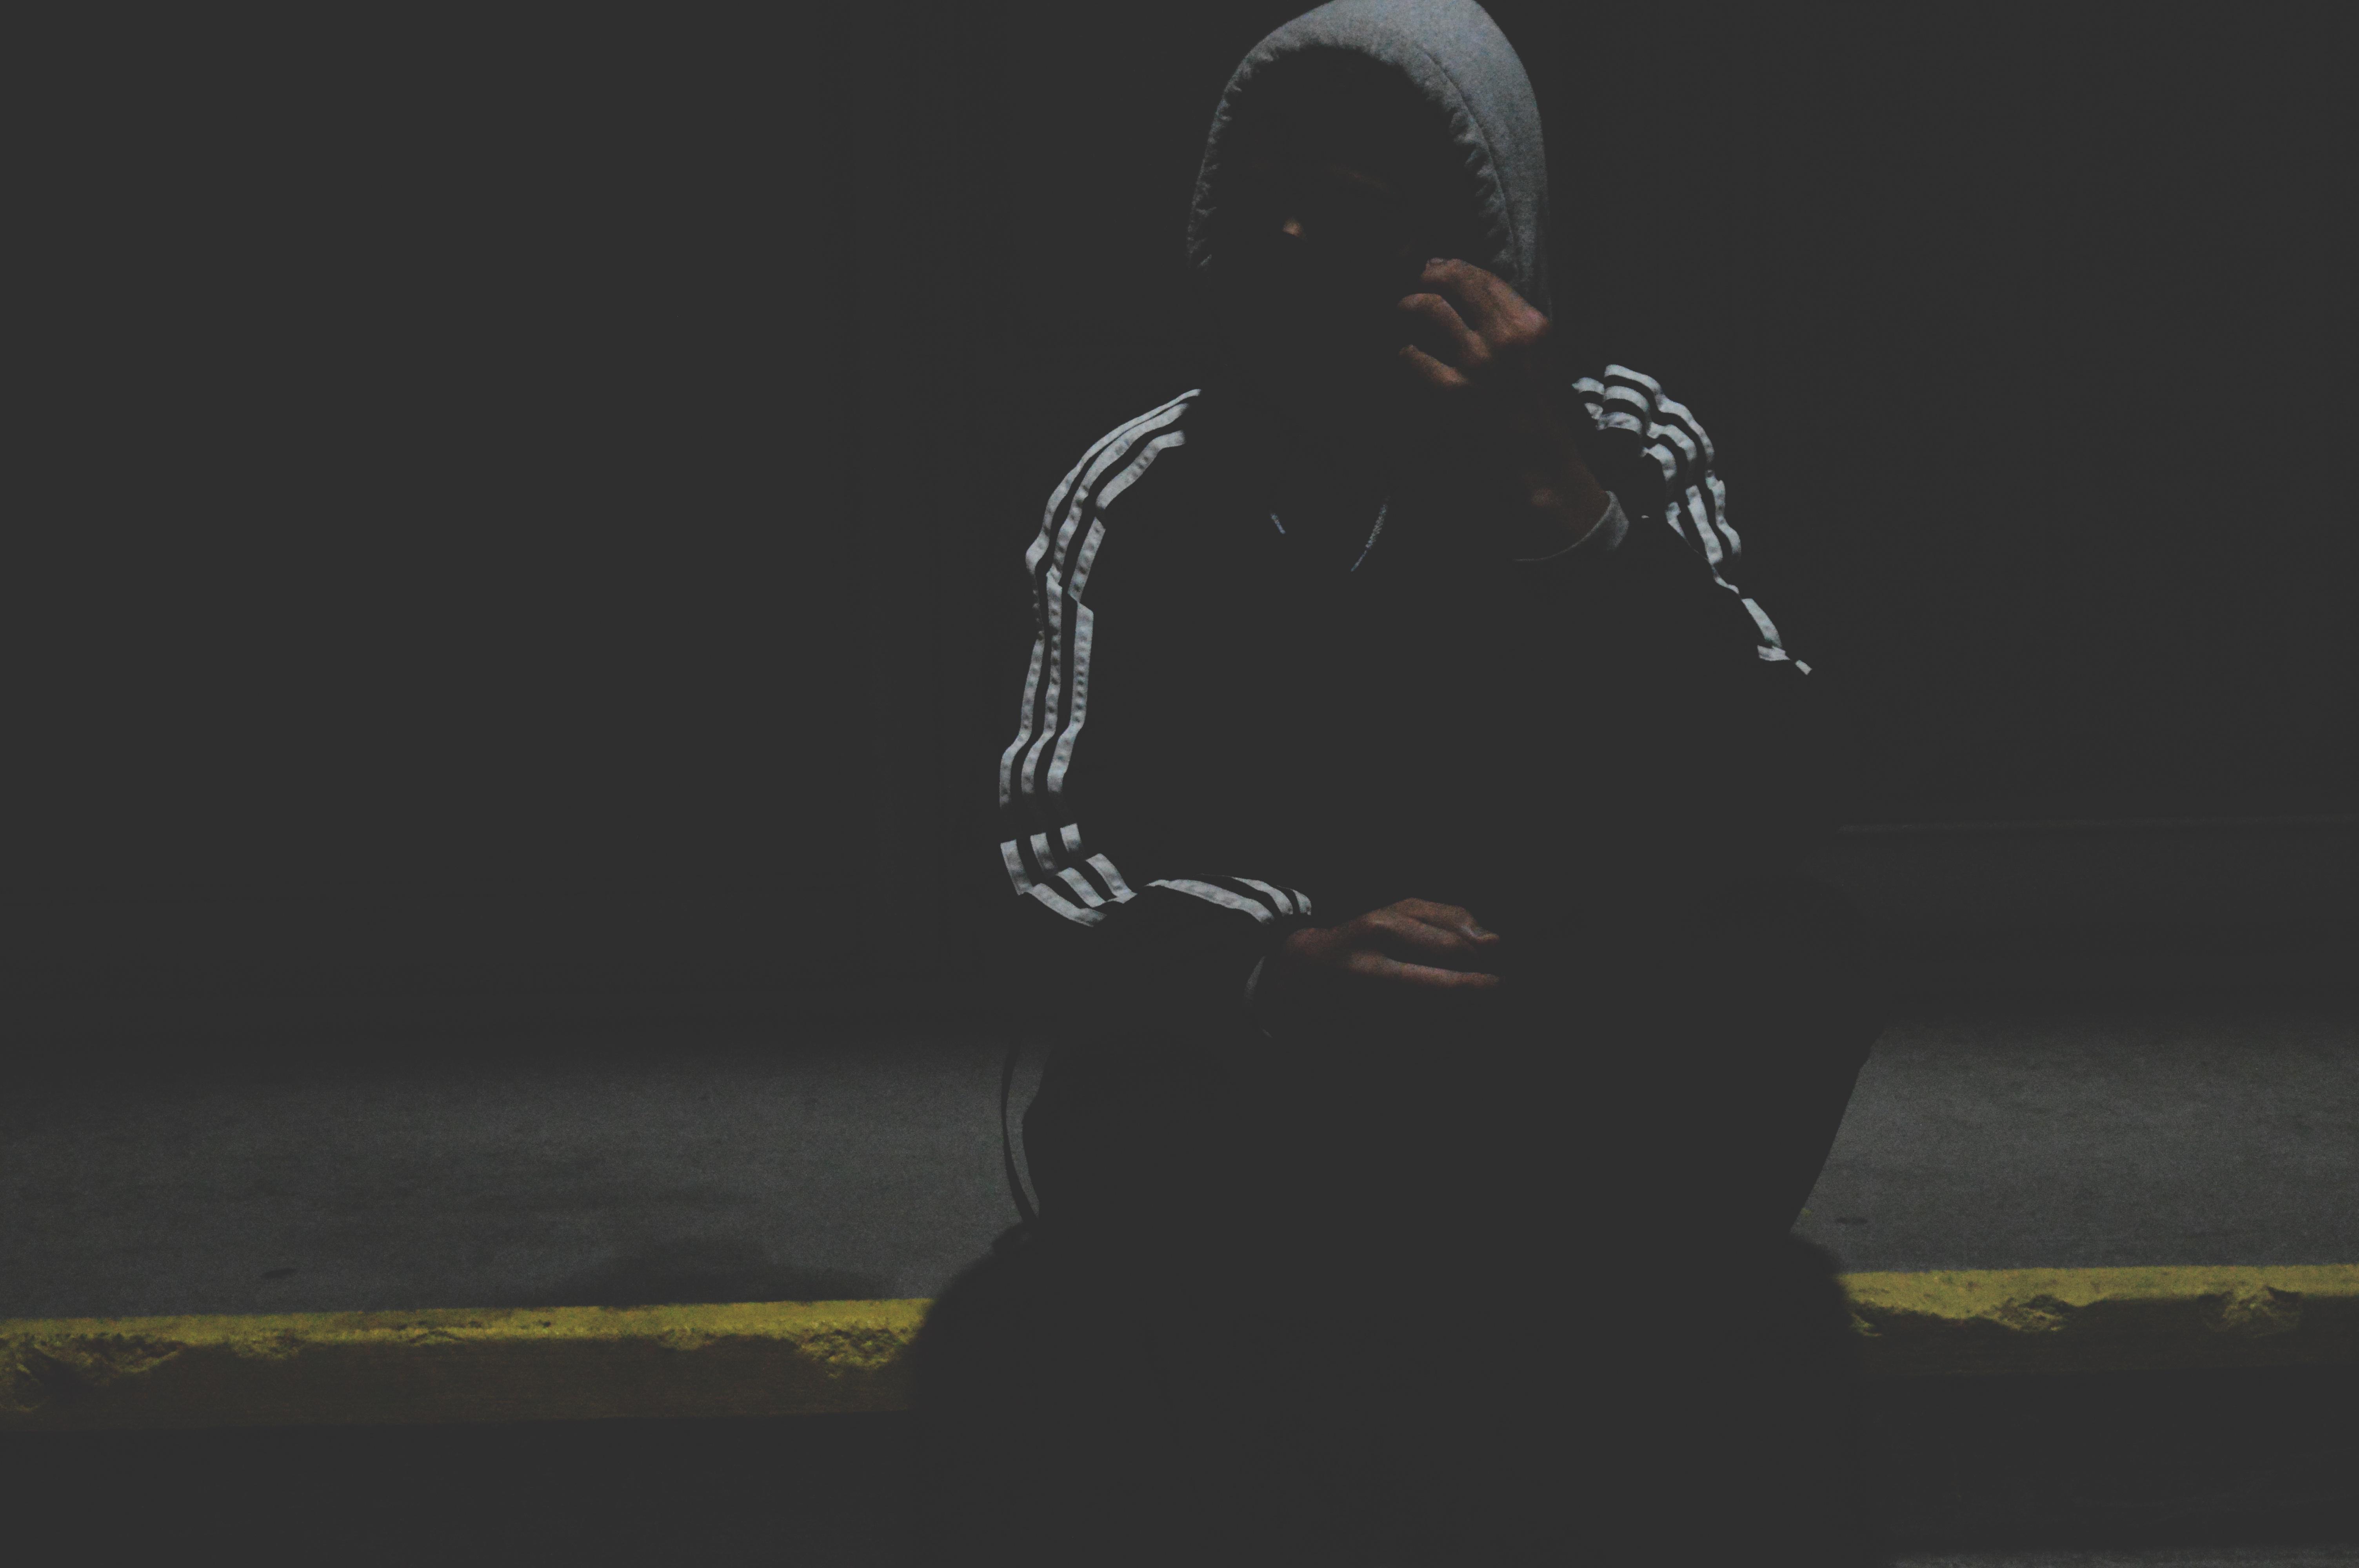 Hình bóng bóng tối hình minh họa Ảnh chụp màn hình bìa album Hình nền máy